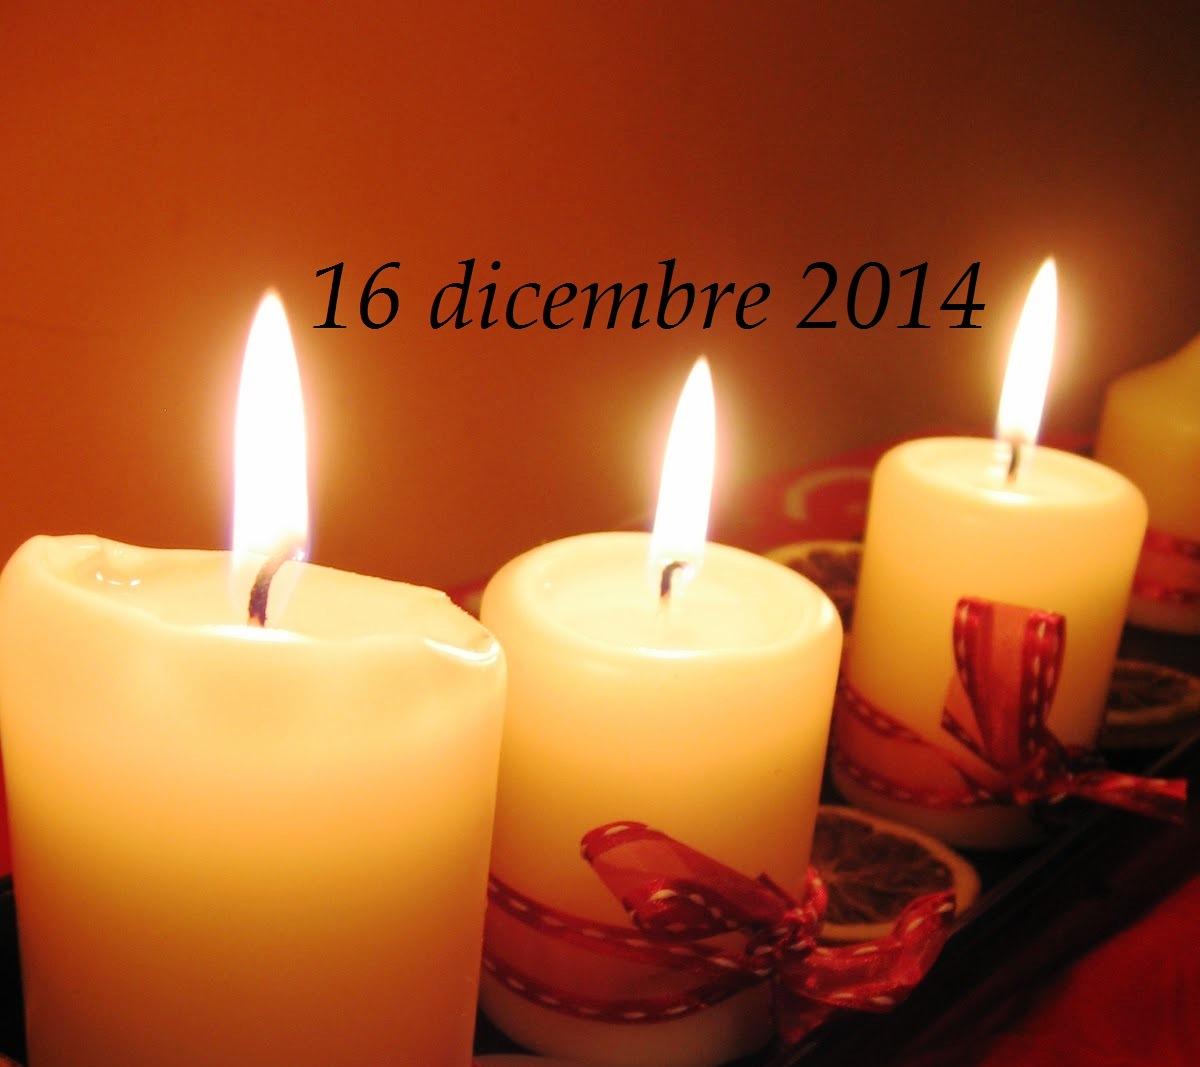 Cammino d'Avvento – 16 dicembre: Vieni, Signore, Parola fatta carne!